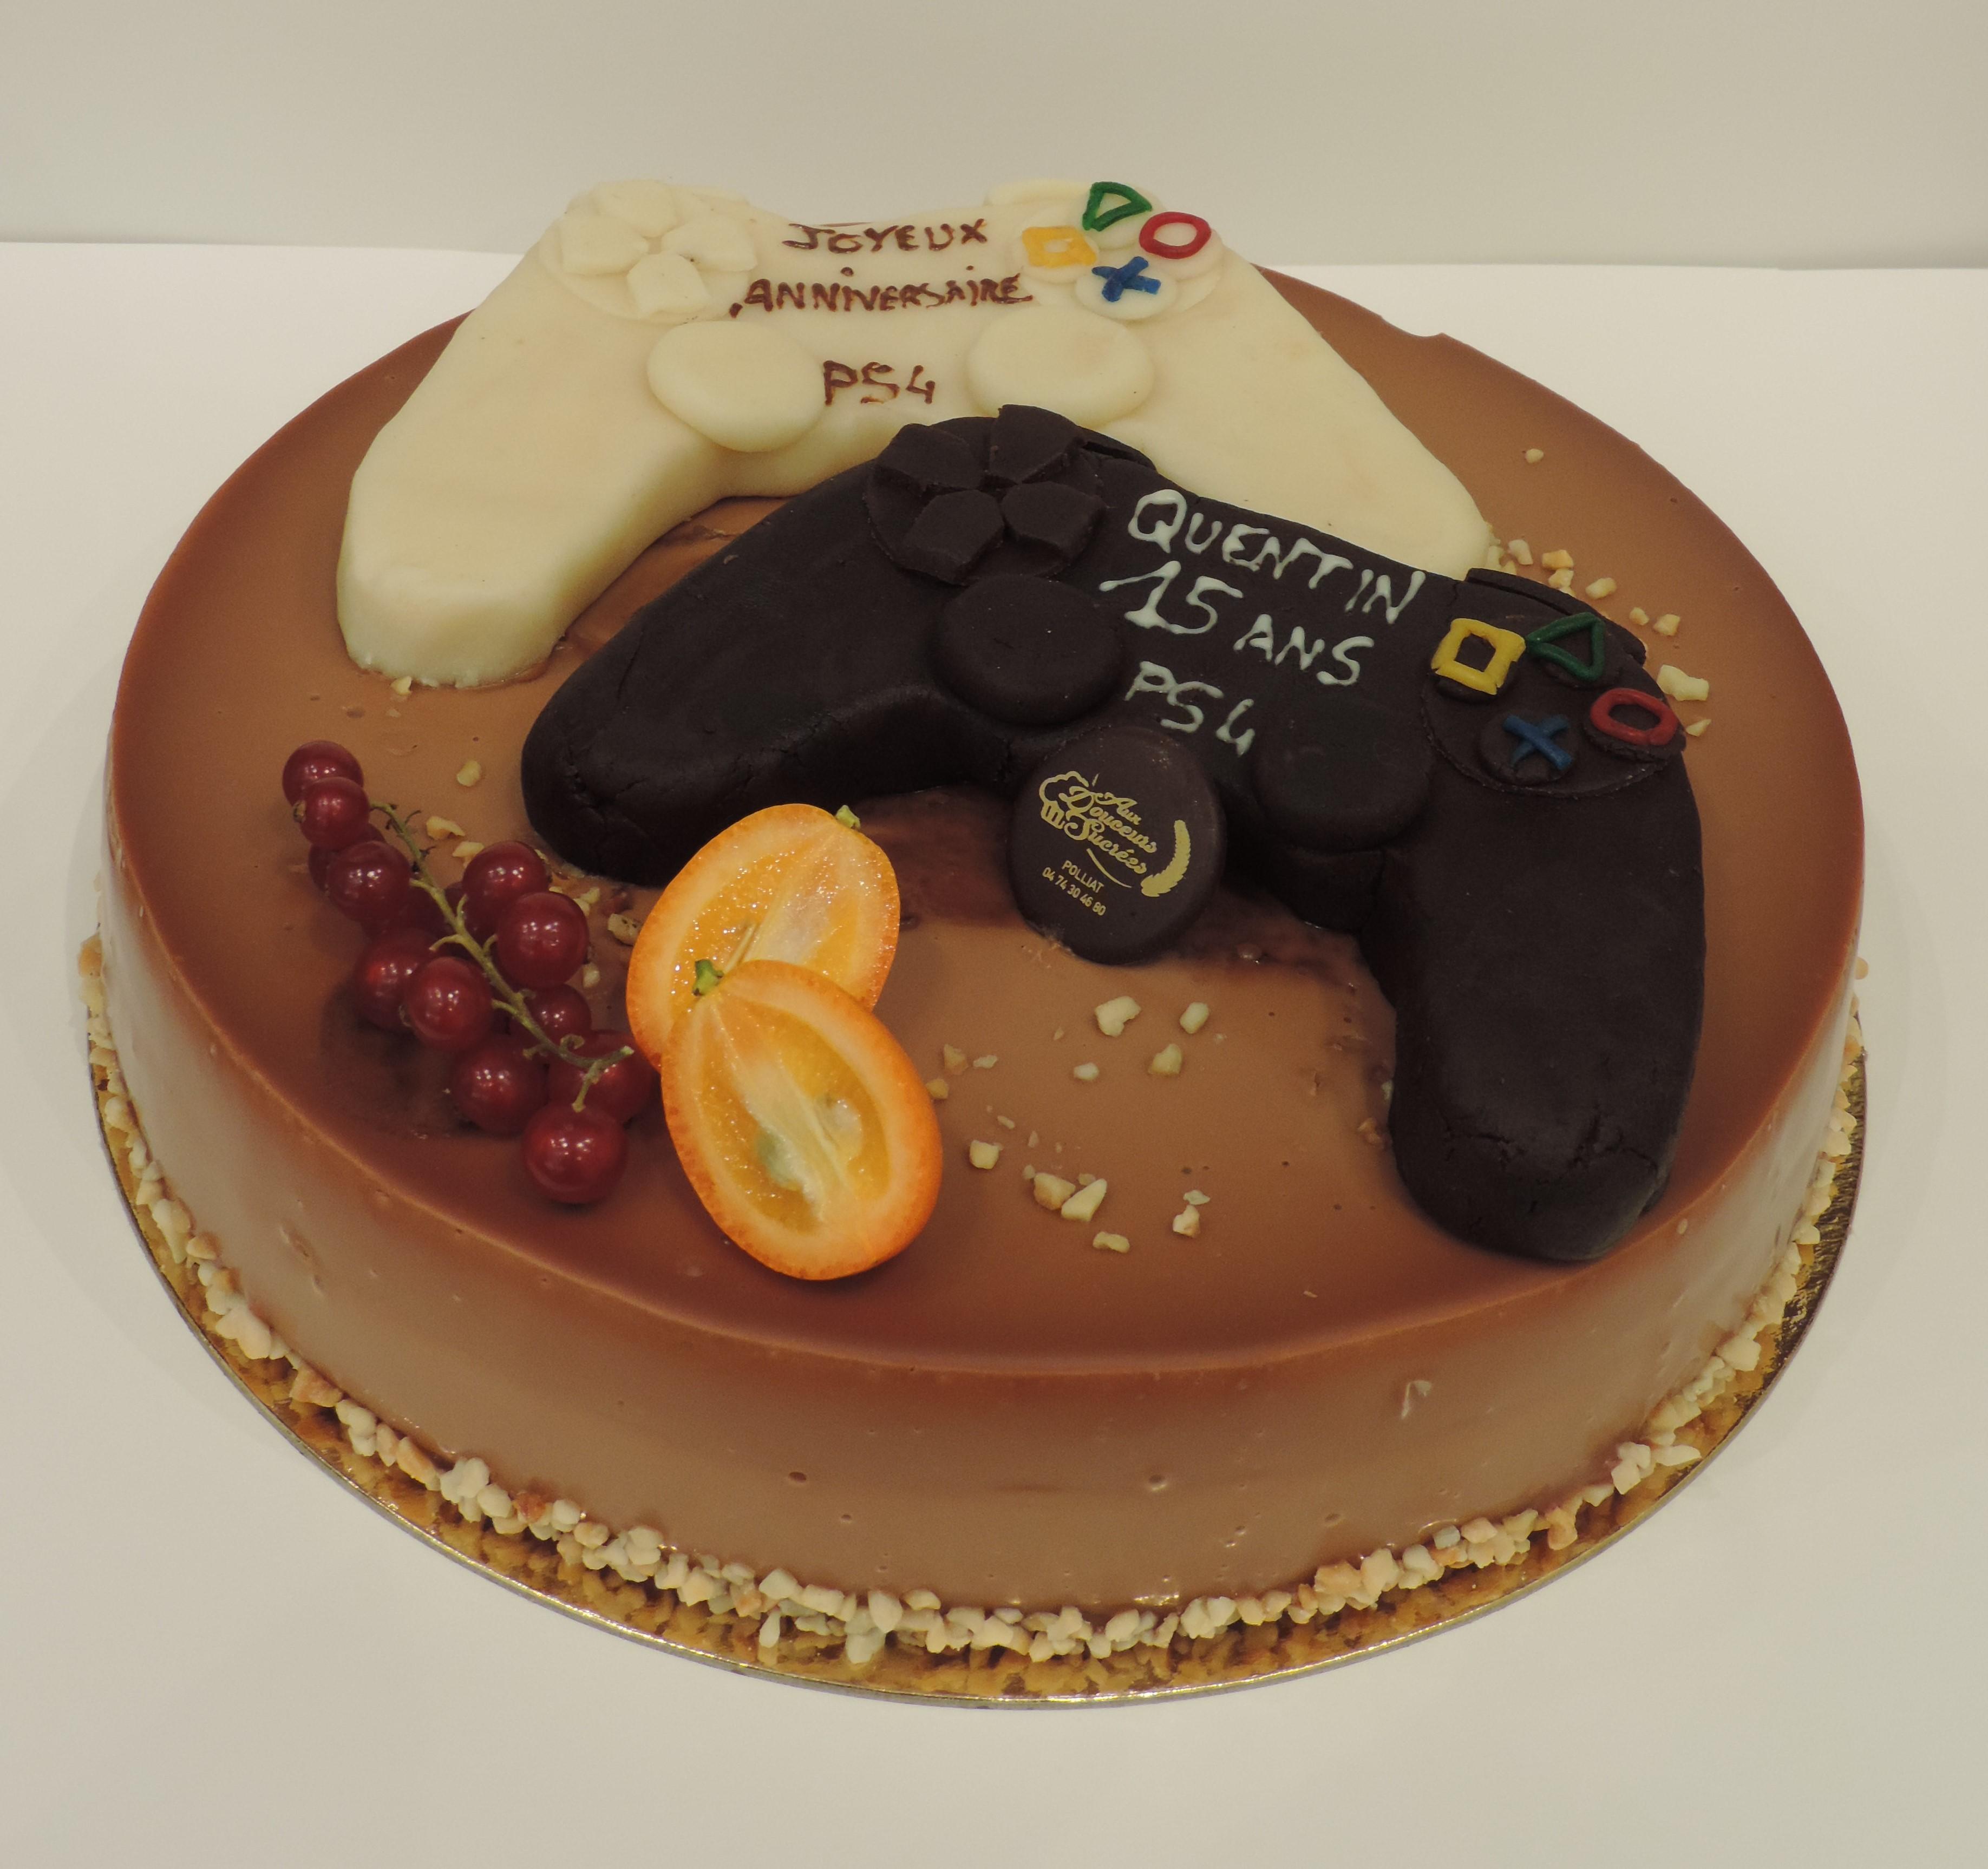 Console Gâteau Danniversaire Aux Douceurs Sucrées Polliat